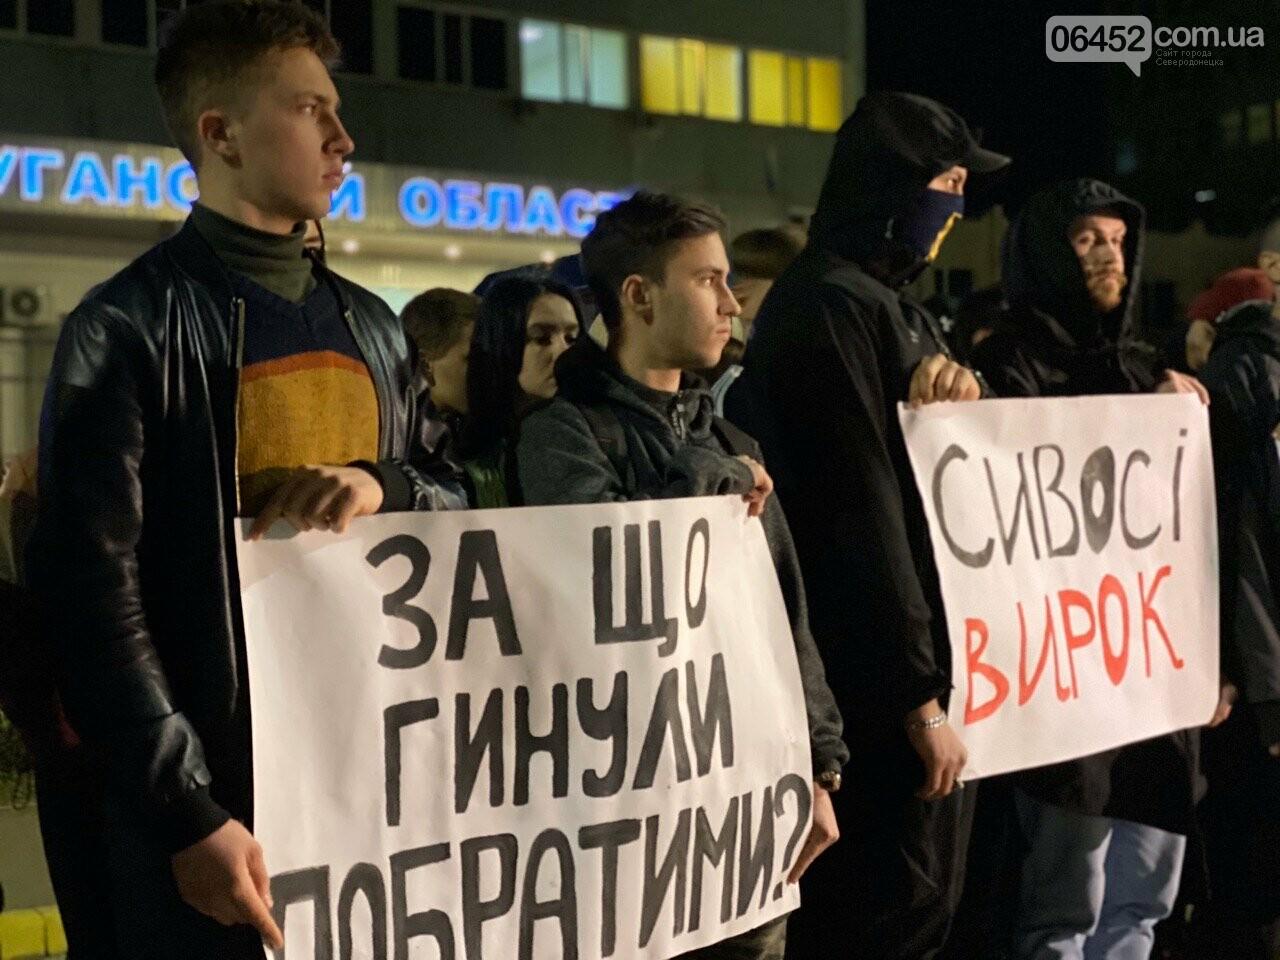 В Северодонецке прошла акция Нацкорпуса против ареста активистов, фото-2